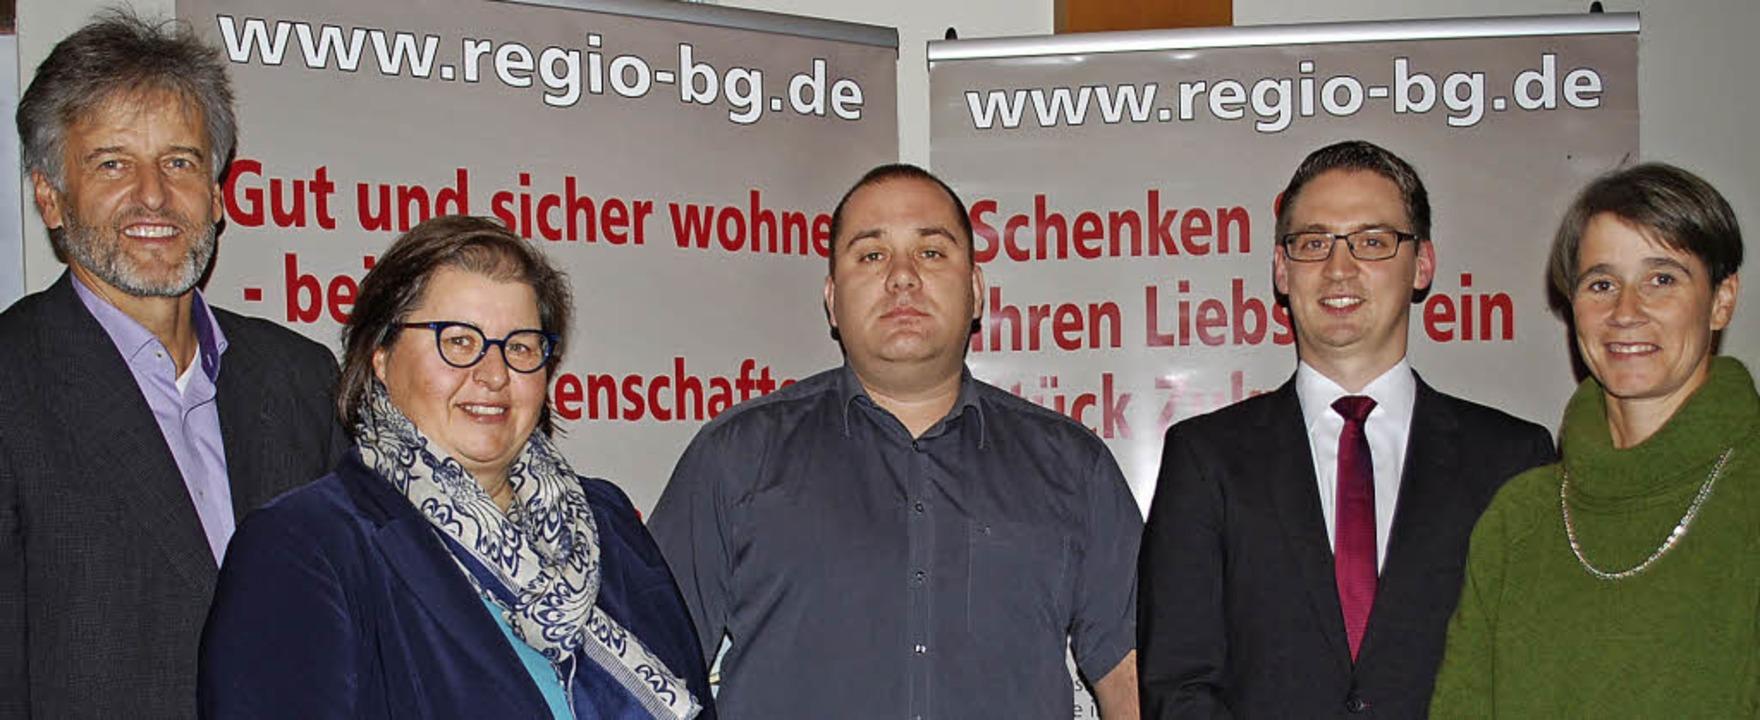 Gunther Braun (von links) scheidet aus...ei der Baugenossenschaft Familienheim.    Foto: Thomas Loisl Mink